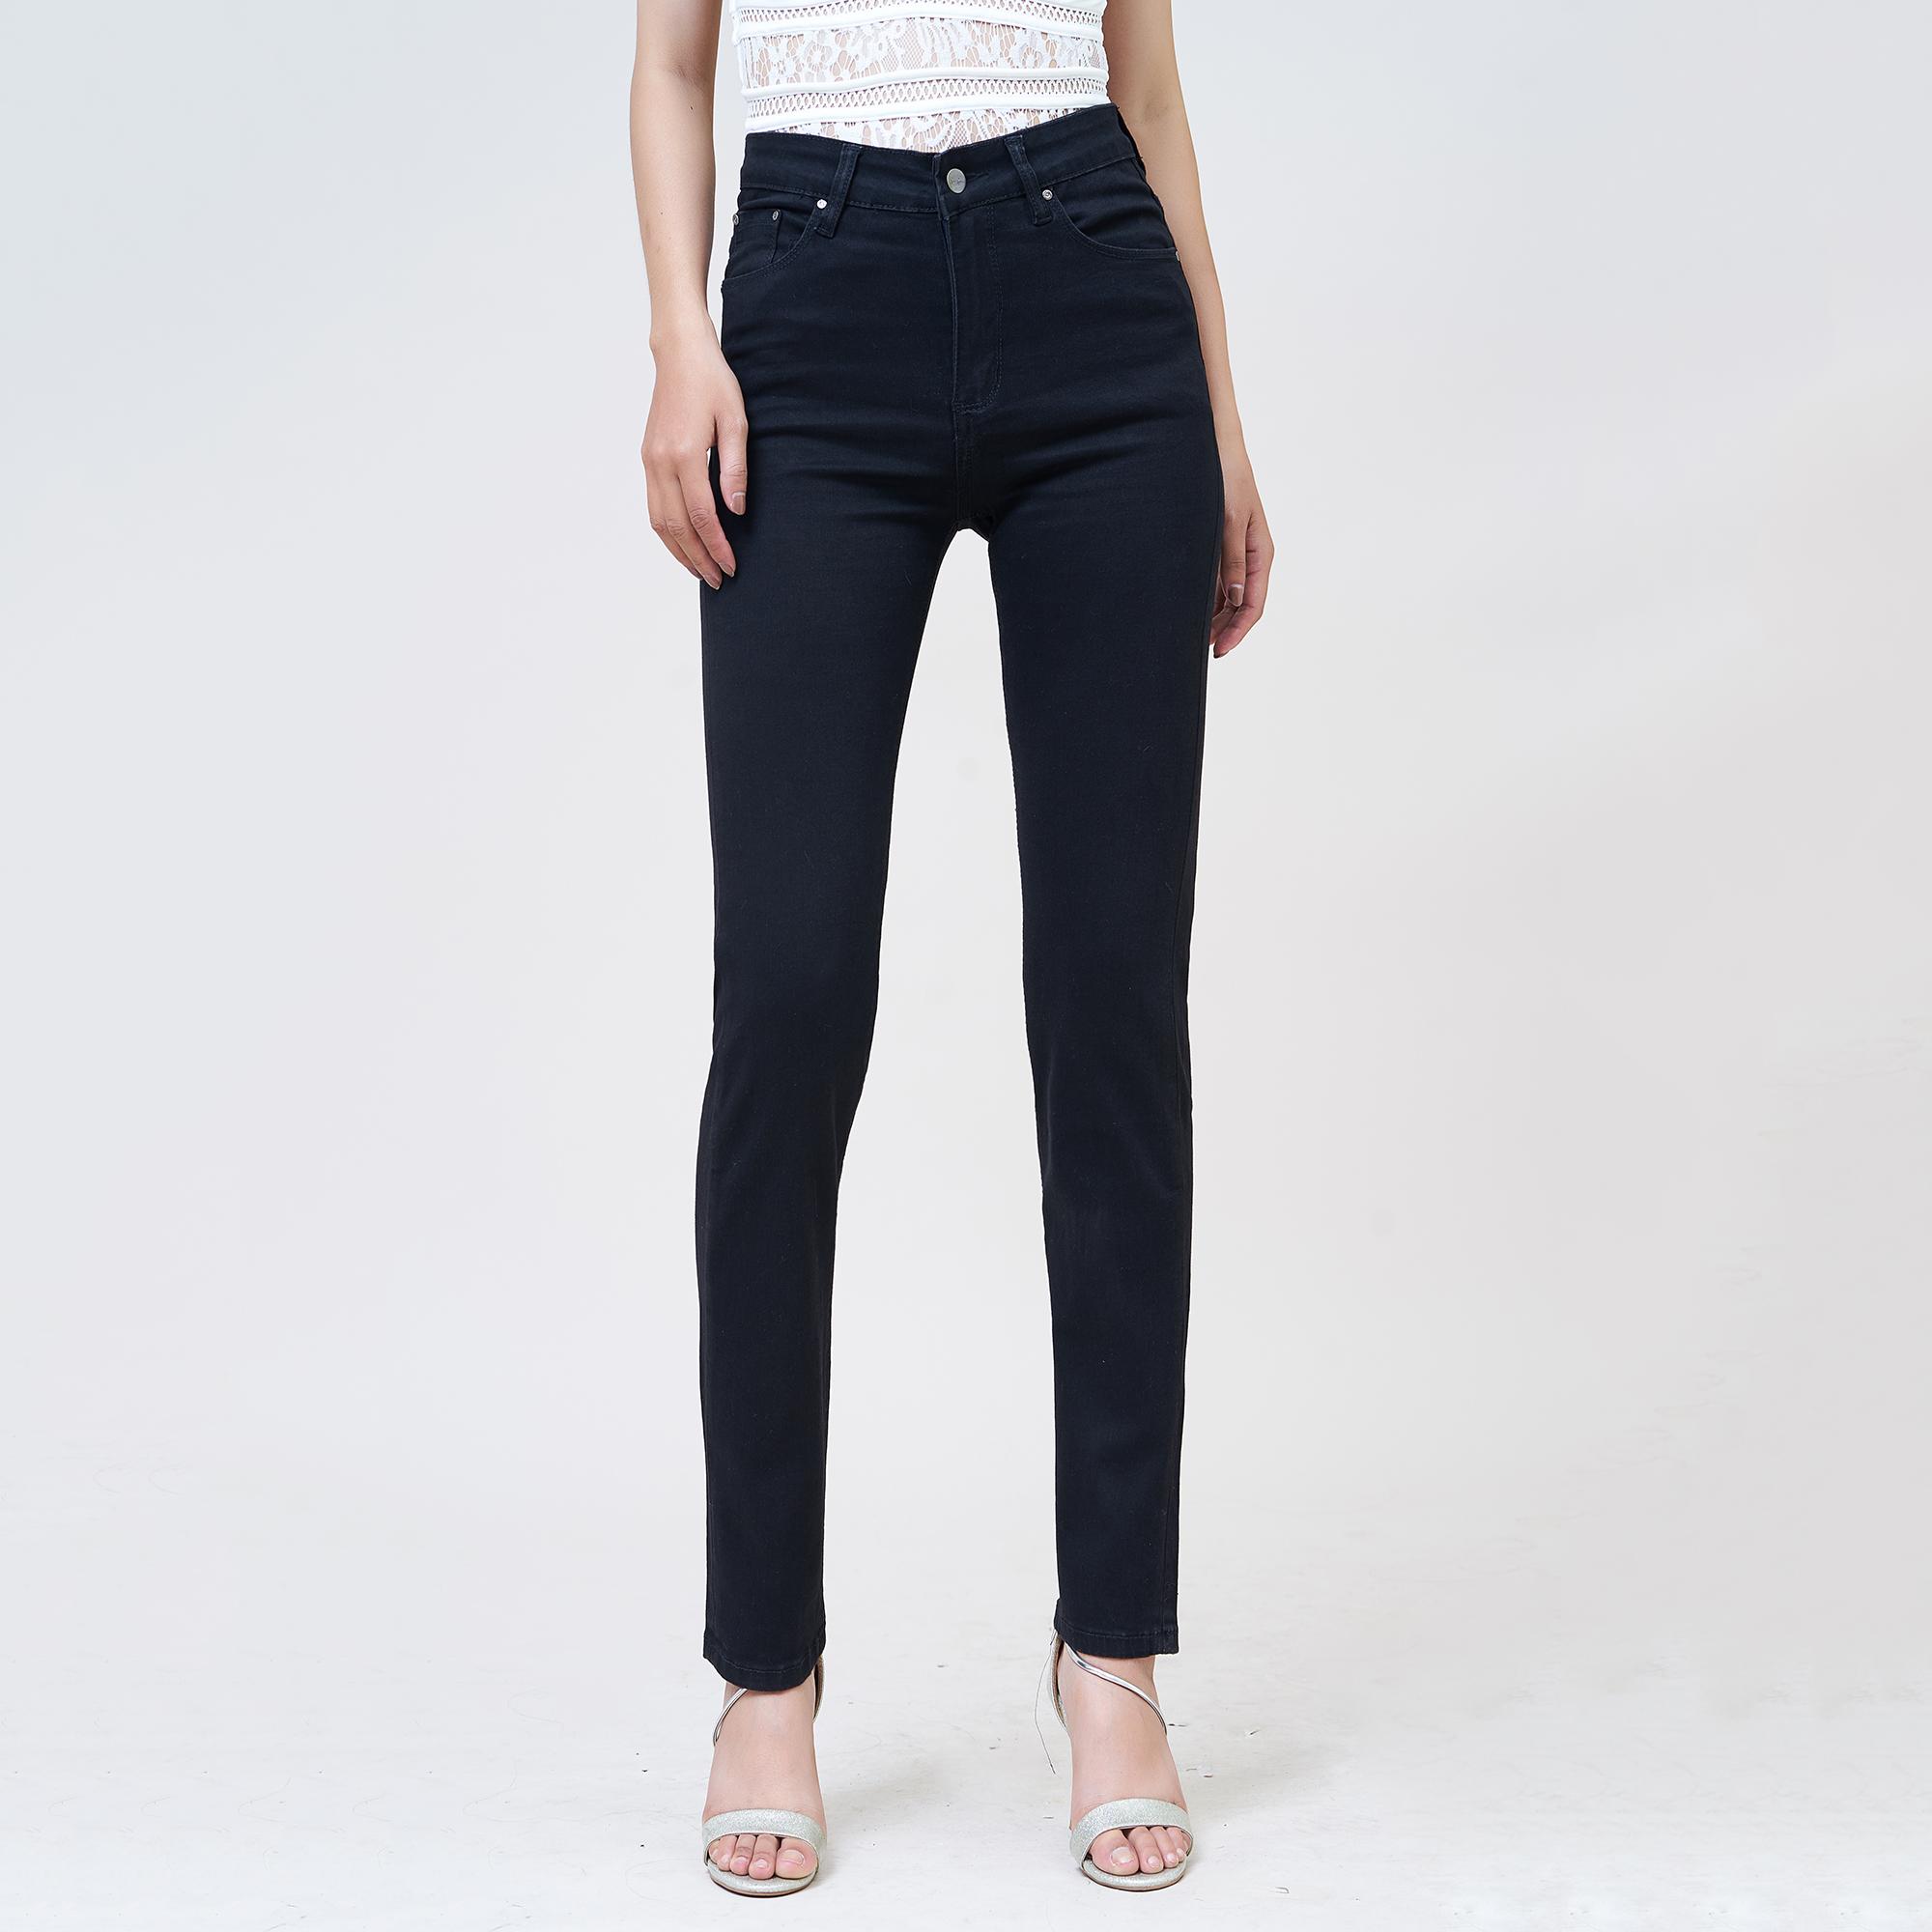 Quần Jean Nữ Ống Đứng Lưng Cao Aaa Jeans Có Nhiều Màu Size 26 - 32 1